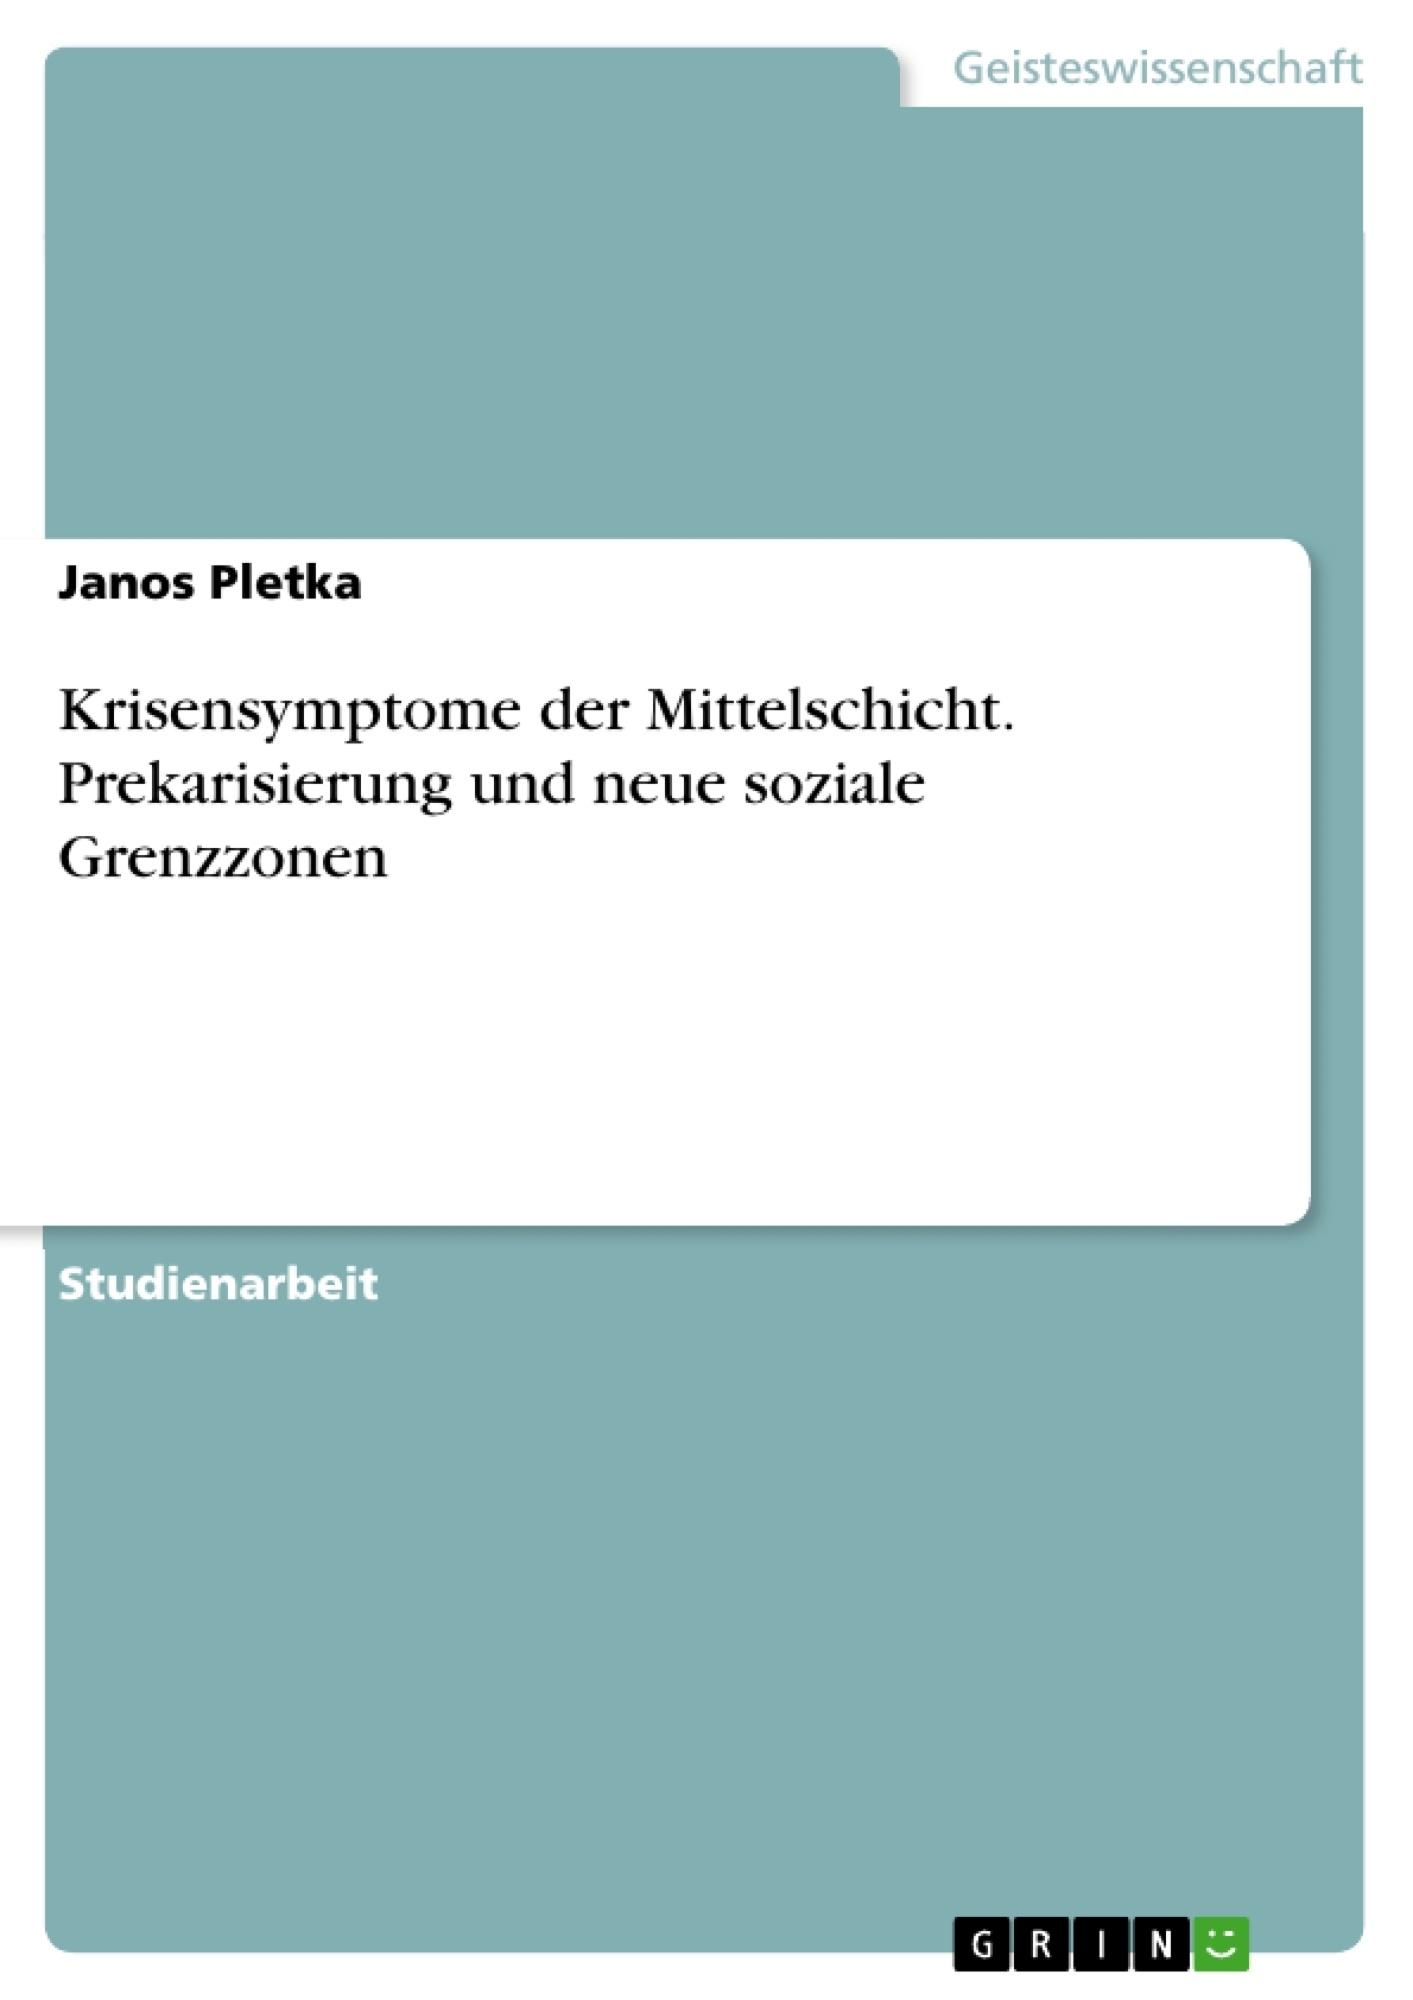 Titel: Krisensymptome der Mittelschicht. Prekarisierung und neue soziale Grenzzonen